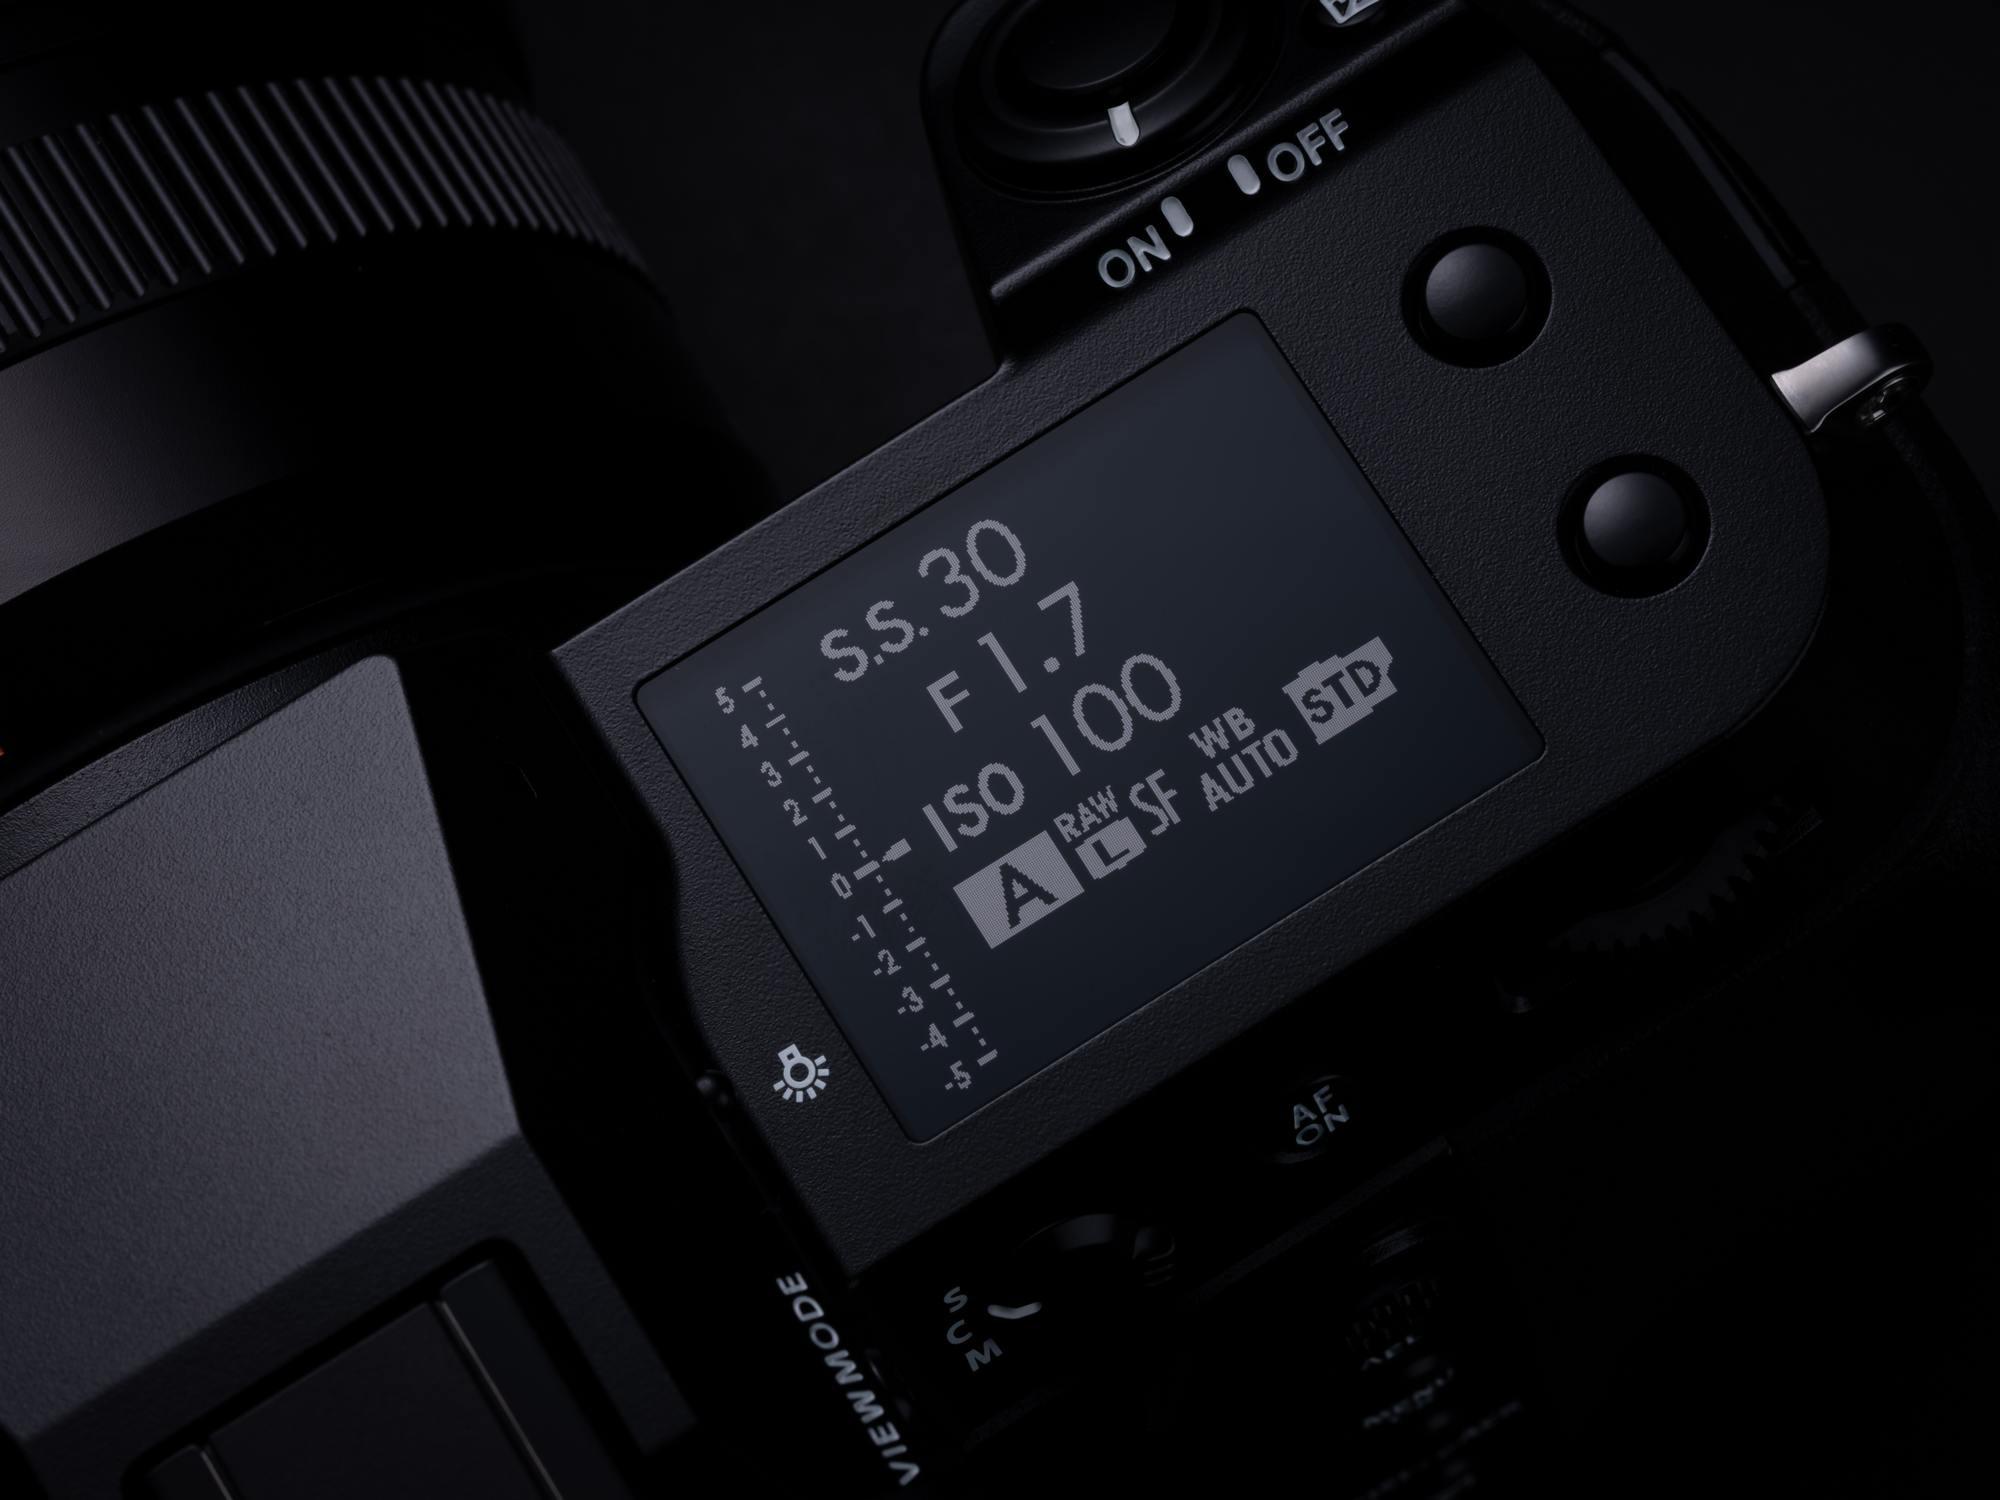 Fujifilm ra mắt GFX 100S: Chiếc máy ảnh Medium Format nhỏ gọn với cảm biến 102MP